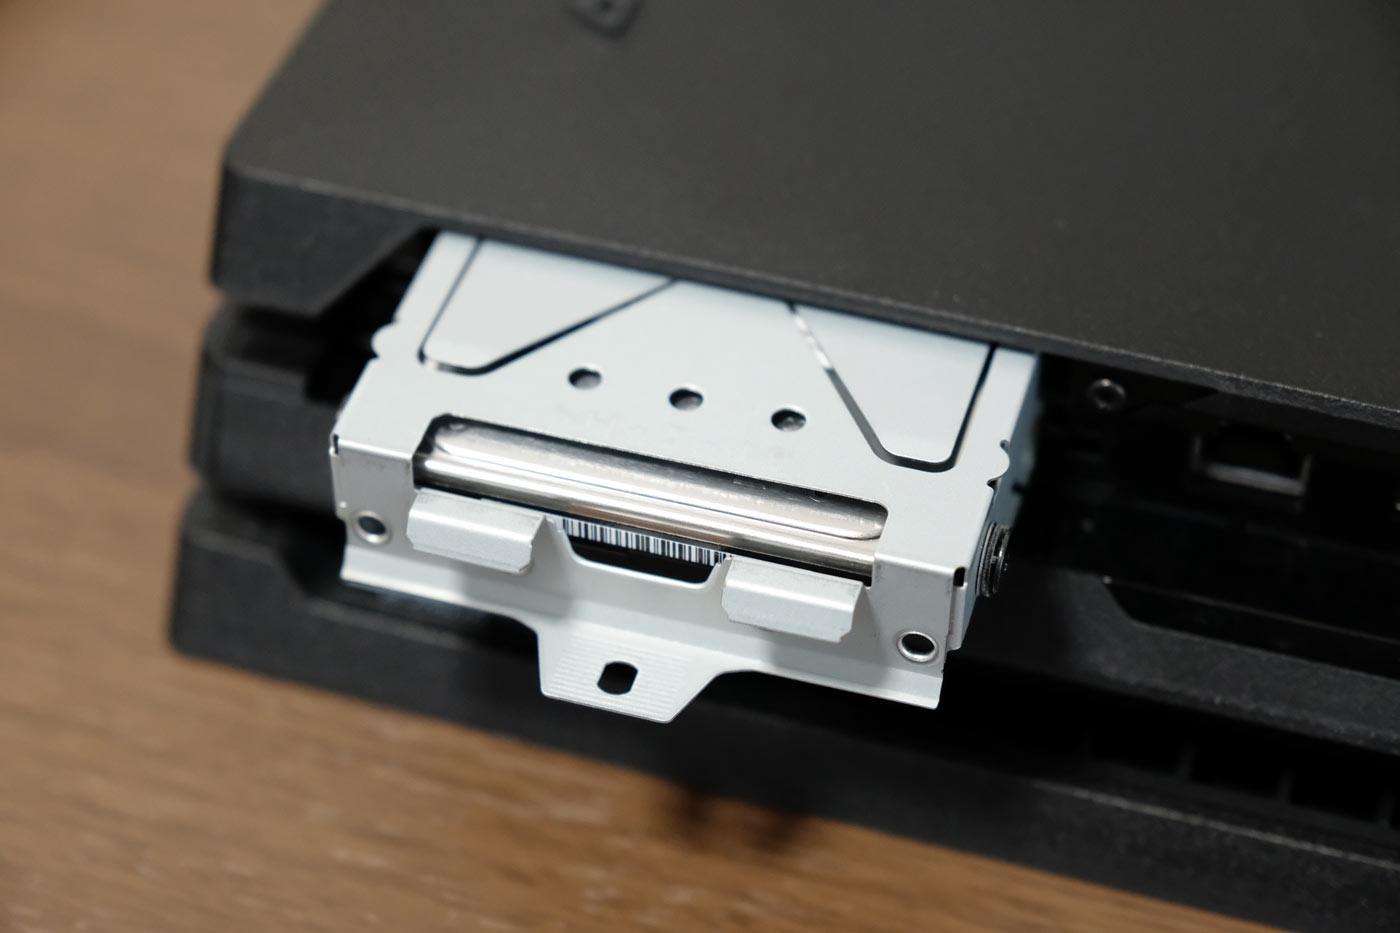 PS4 Pro HDDを取り外す